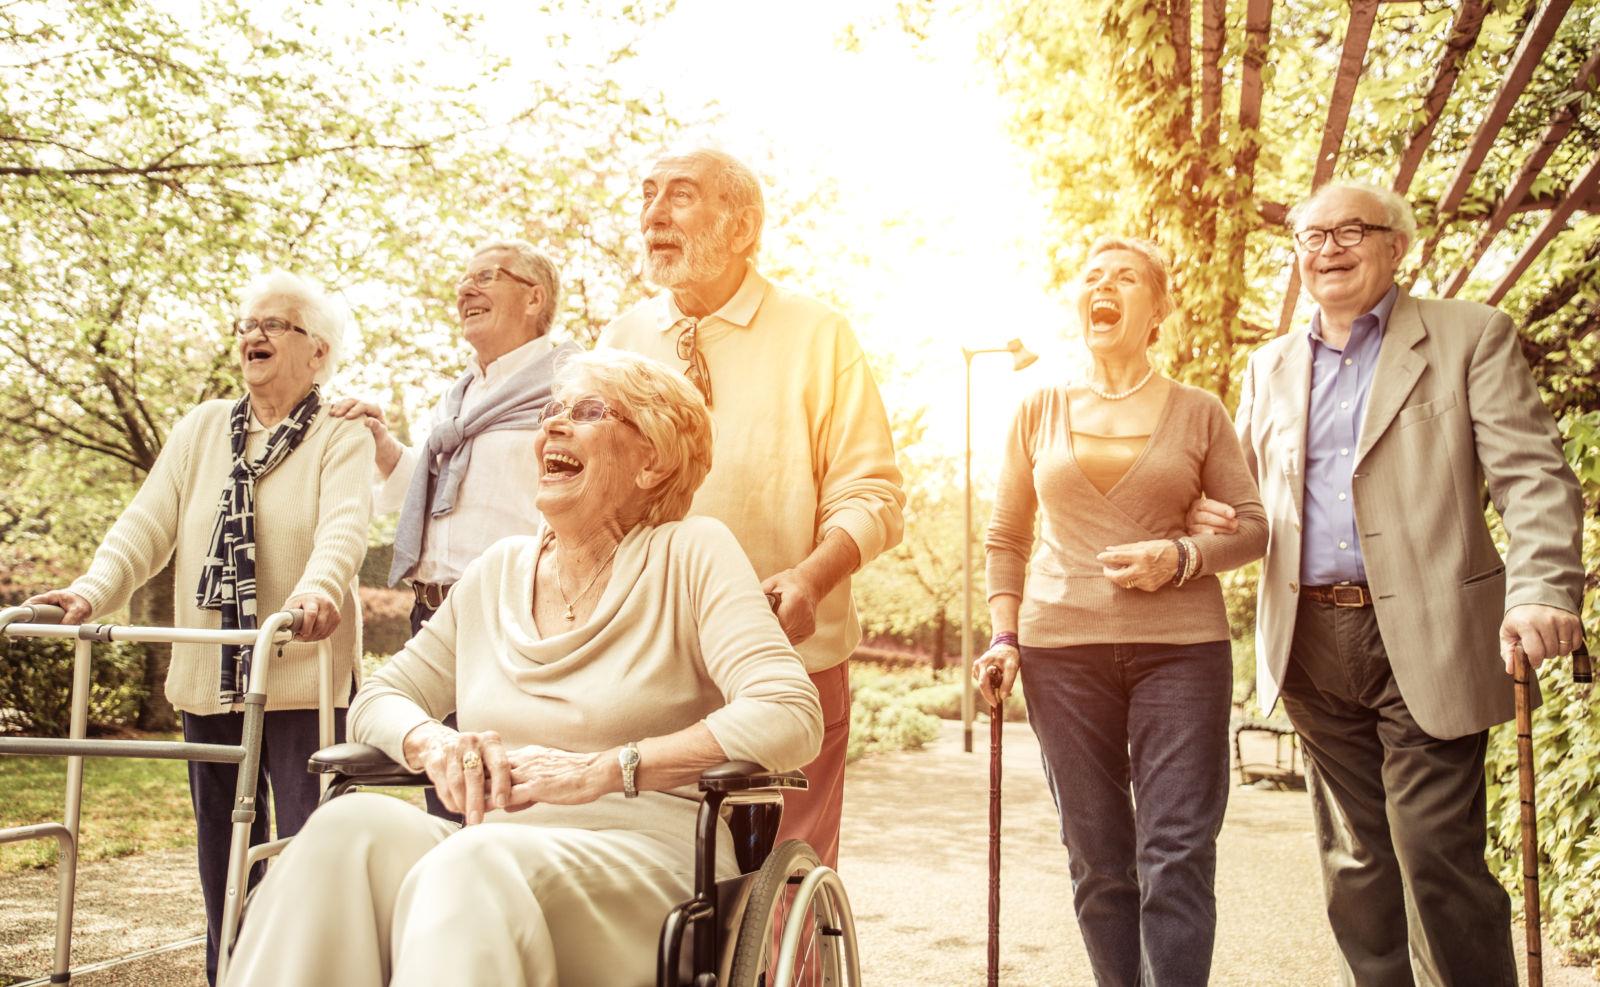 com'è cambiata la vecchiaia - Aging Project UniUPO